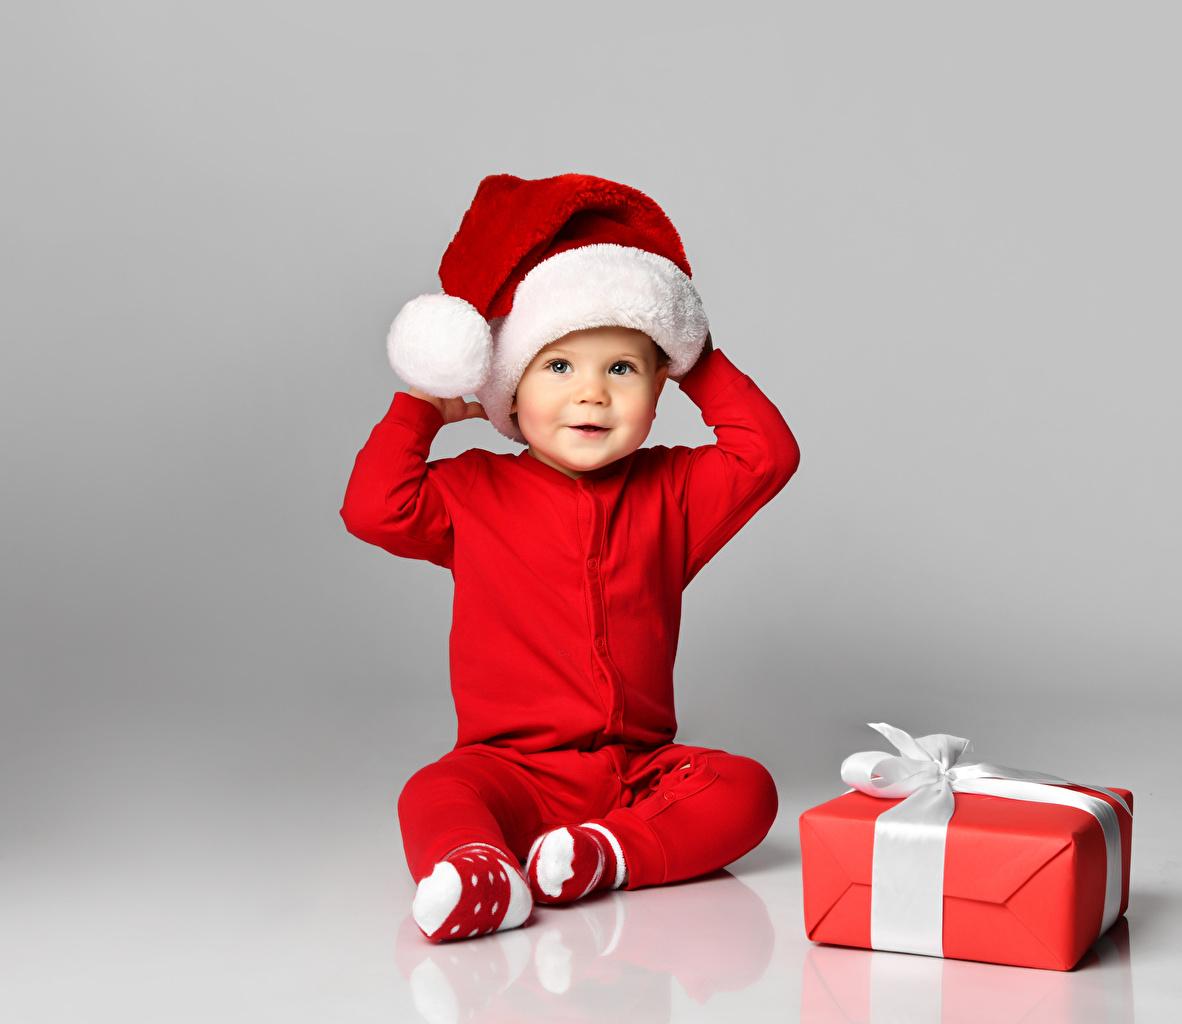 Картинка мальчишка Новый год Дети Шапки Подарки Сидит Униформа смотрит Серый фон мальчик Мальчики мальчишки Рождество ребёнок шапка в шапке подарок подарков сидя сидящие униформе Взгляд смотрят сером фоне